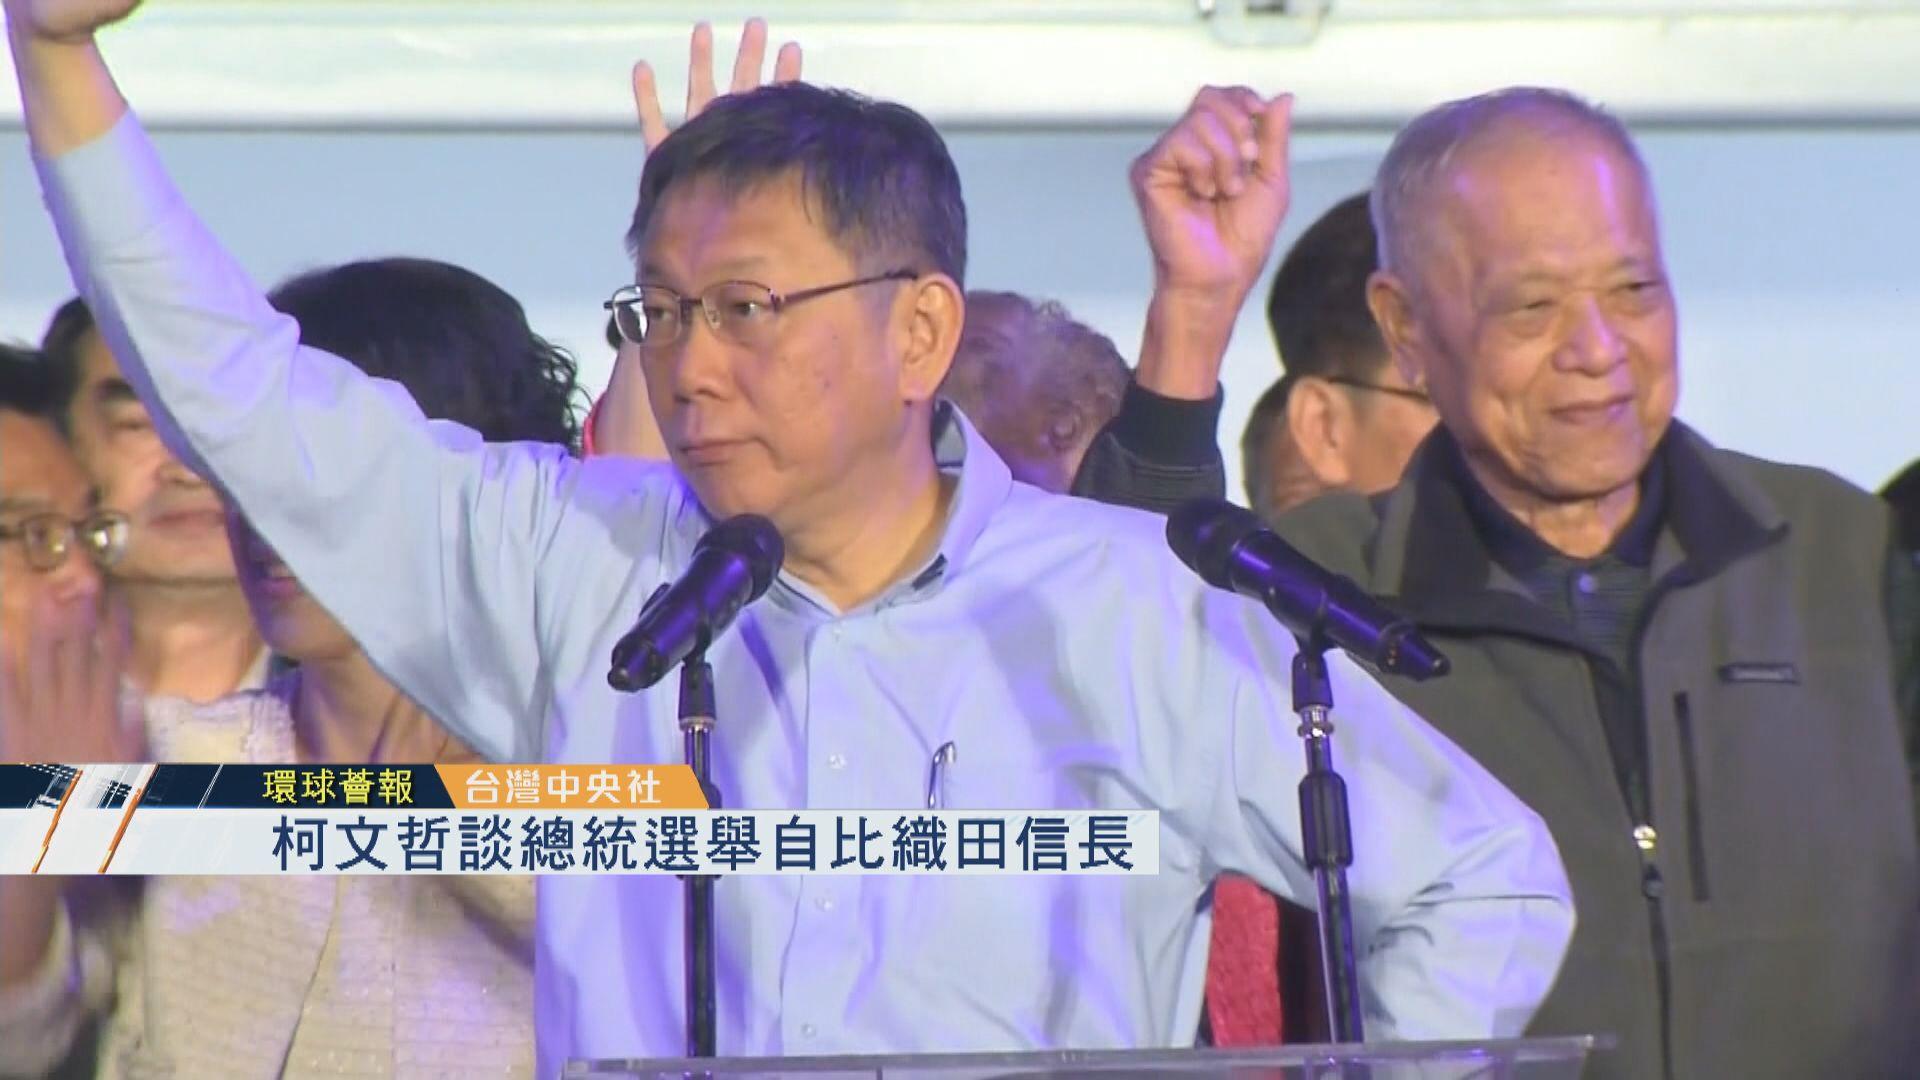 【環球薈報】柯文哲談總統選舉自比織田信長